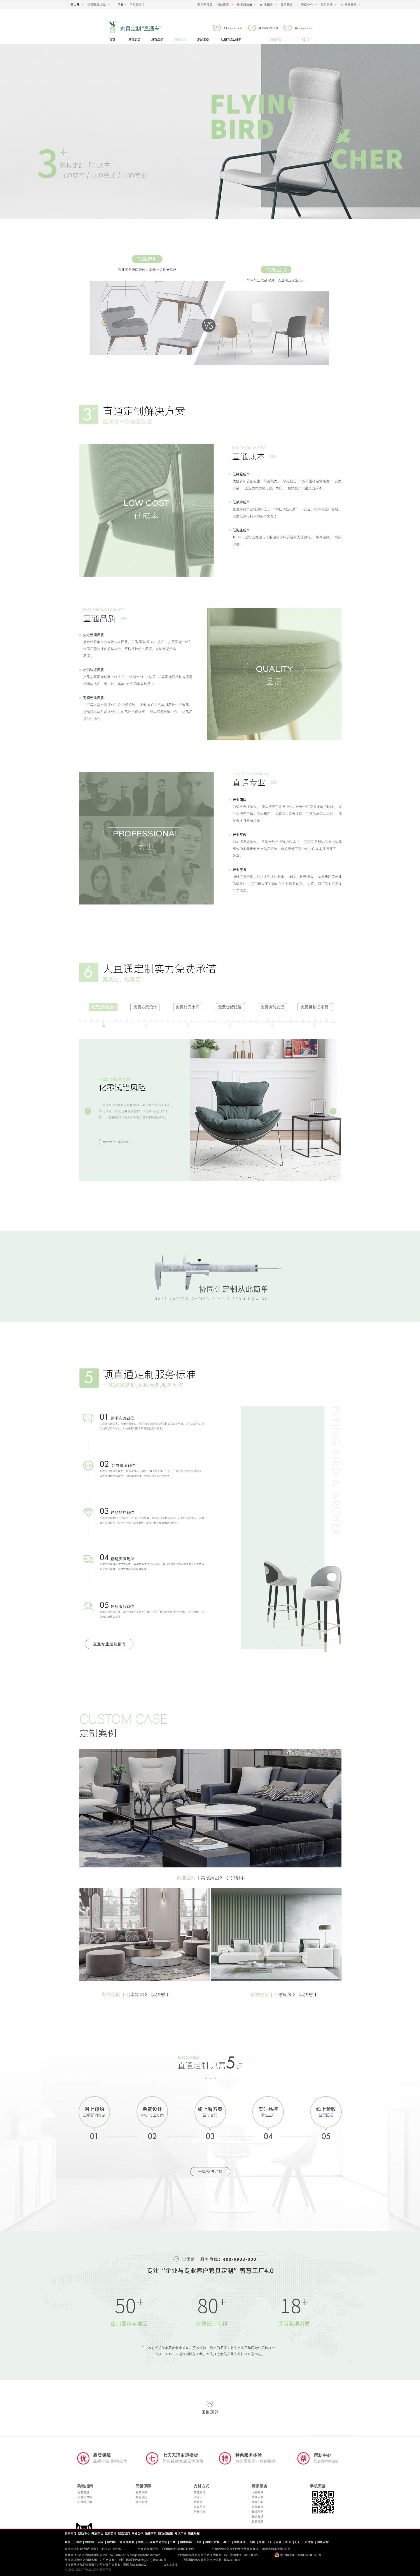 家具电商网站设计-飞鸟射手家具